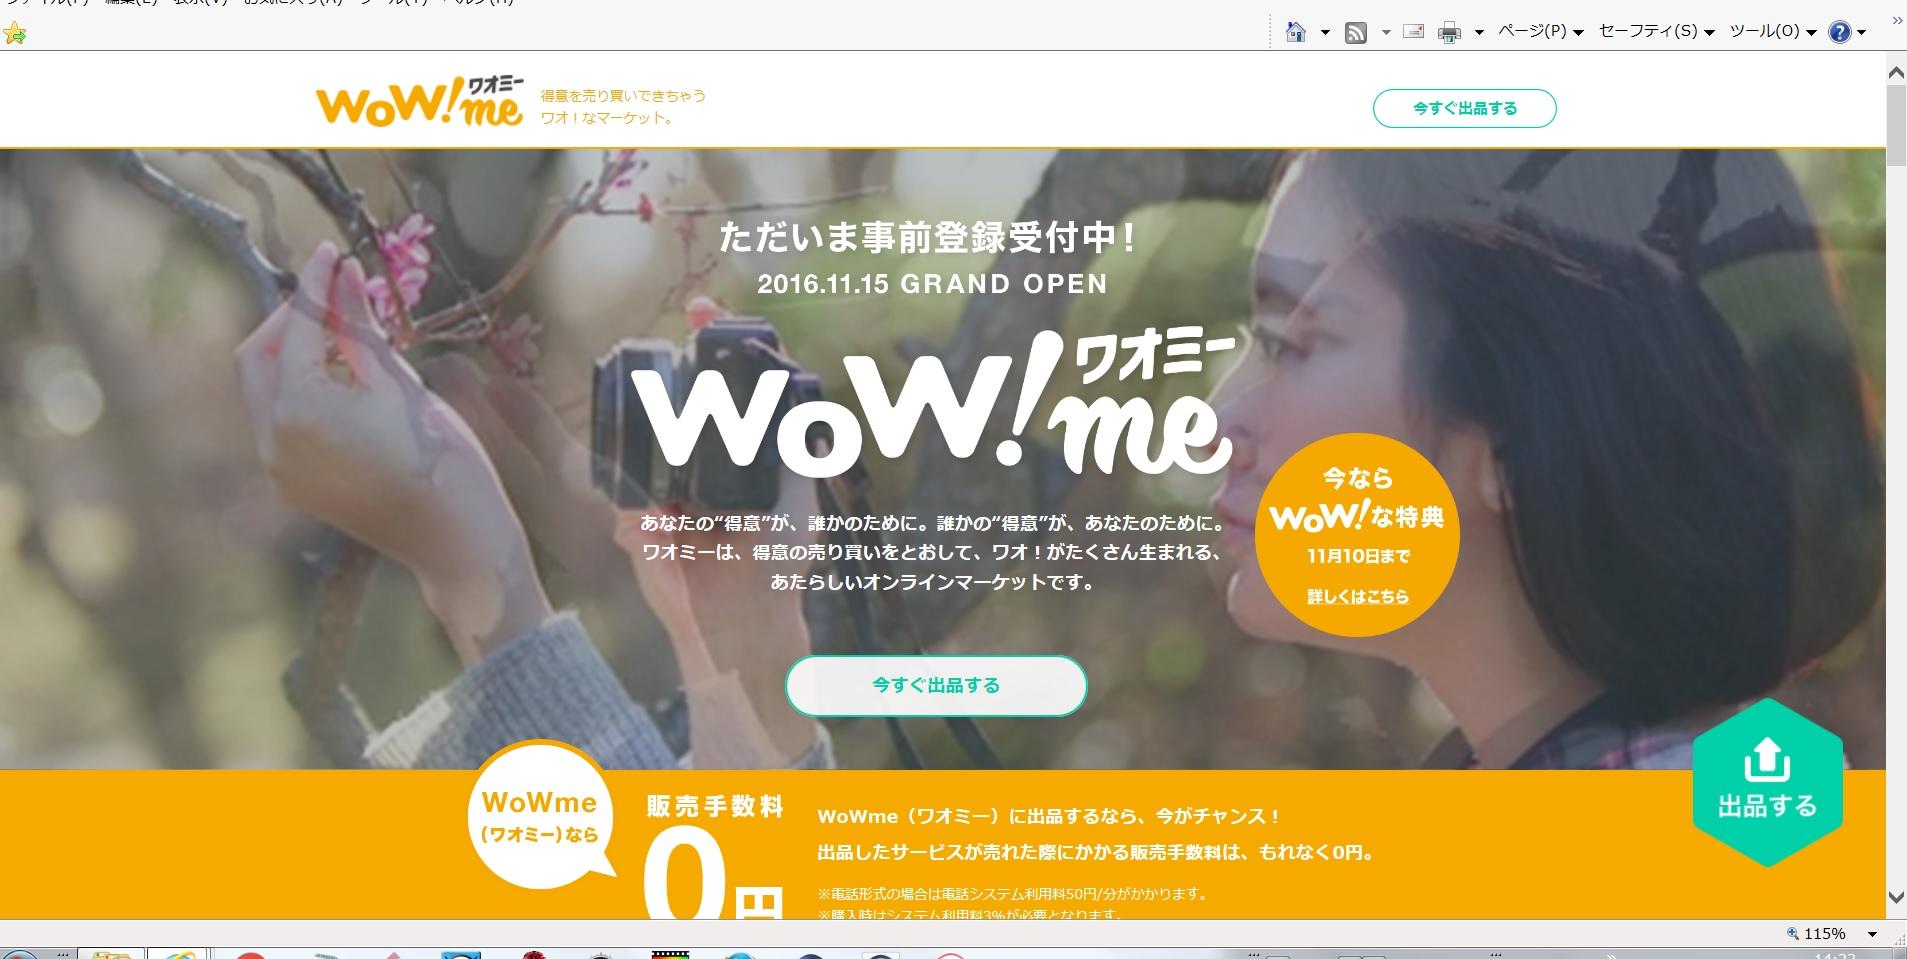 新クラウドソーシングサービス「WoWme」に事前登録してみました